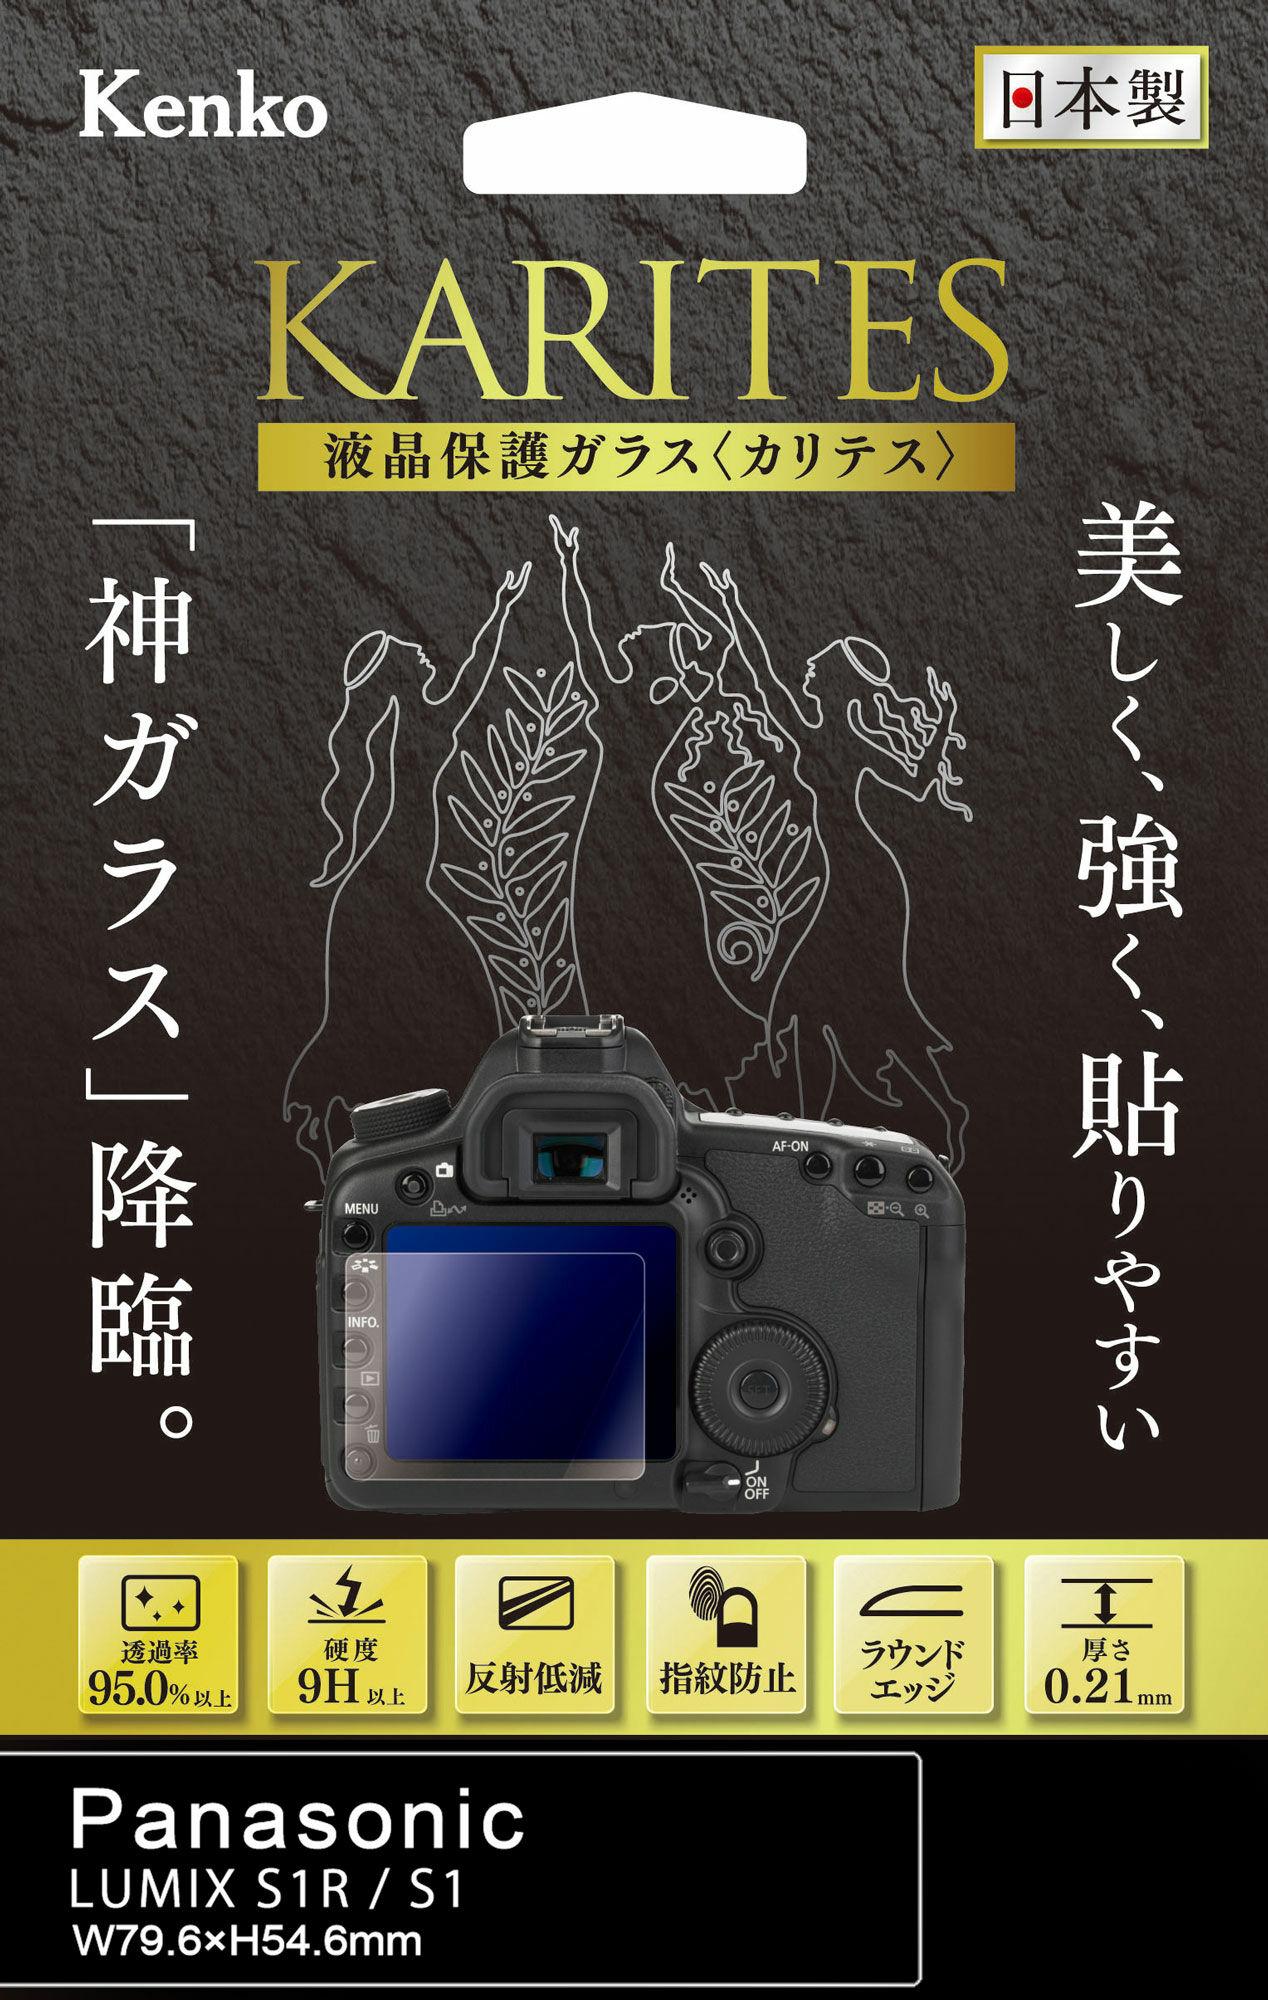 https://www.kenko-tokina.co.jp/imaging/eq/mt-images/4961607730805.jpg